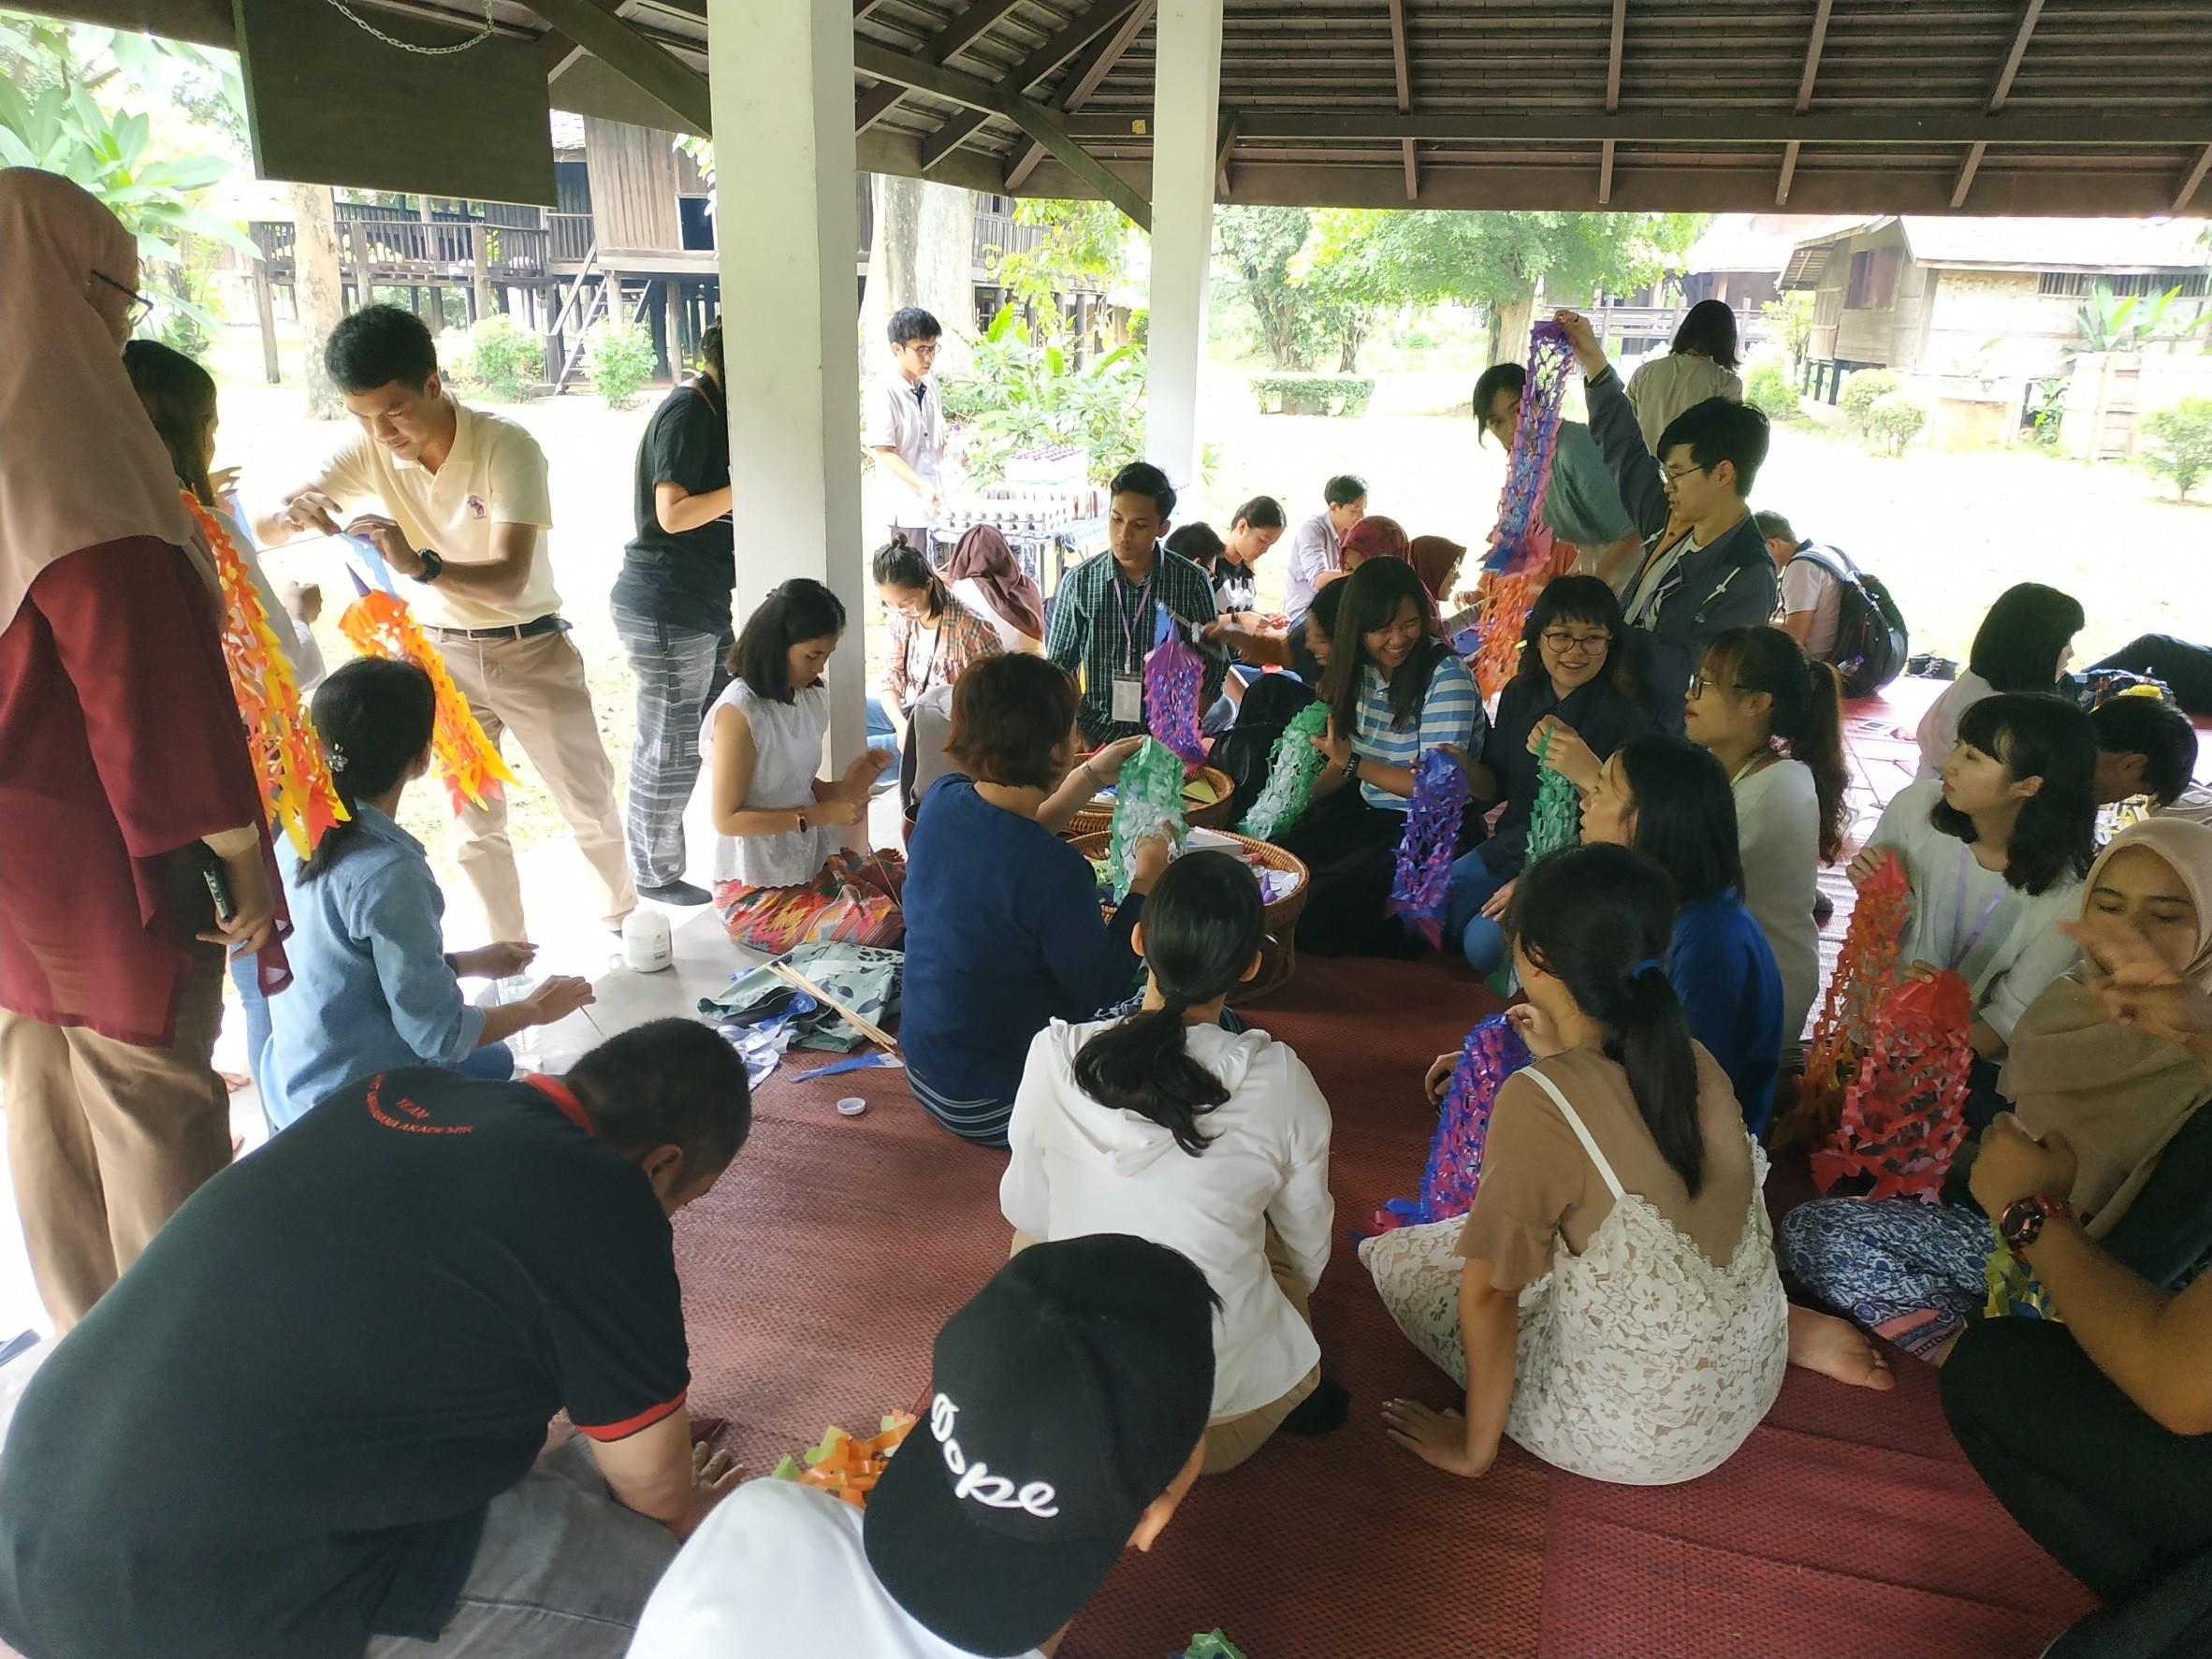 สำนักส่งเสริมศิลปวัฒนธรรม จัดกิจกรรมด้านศิลปวัฒนธรรมให้แก่ผู้เข้าร่วมประชุมทางวิชาการร่วมกับมหาวิทยาลัยเครือข่ายอาเซียน(The 2nd UUM-CMU-USM International Student Conference)